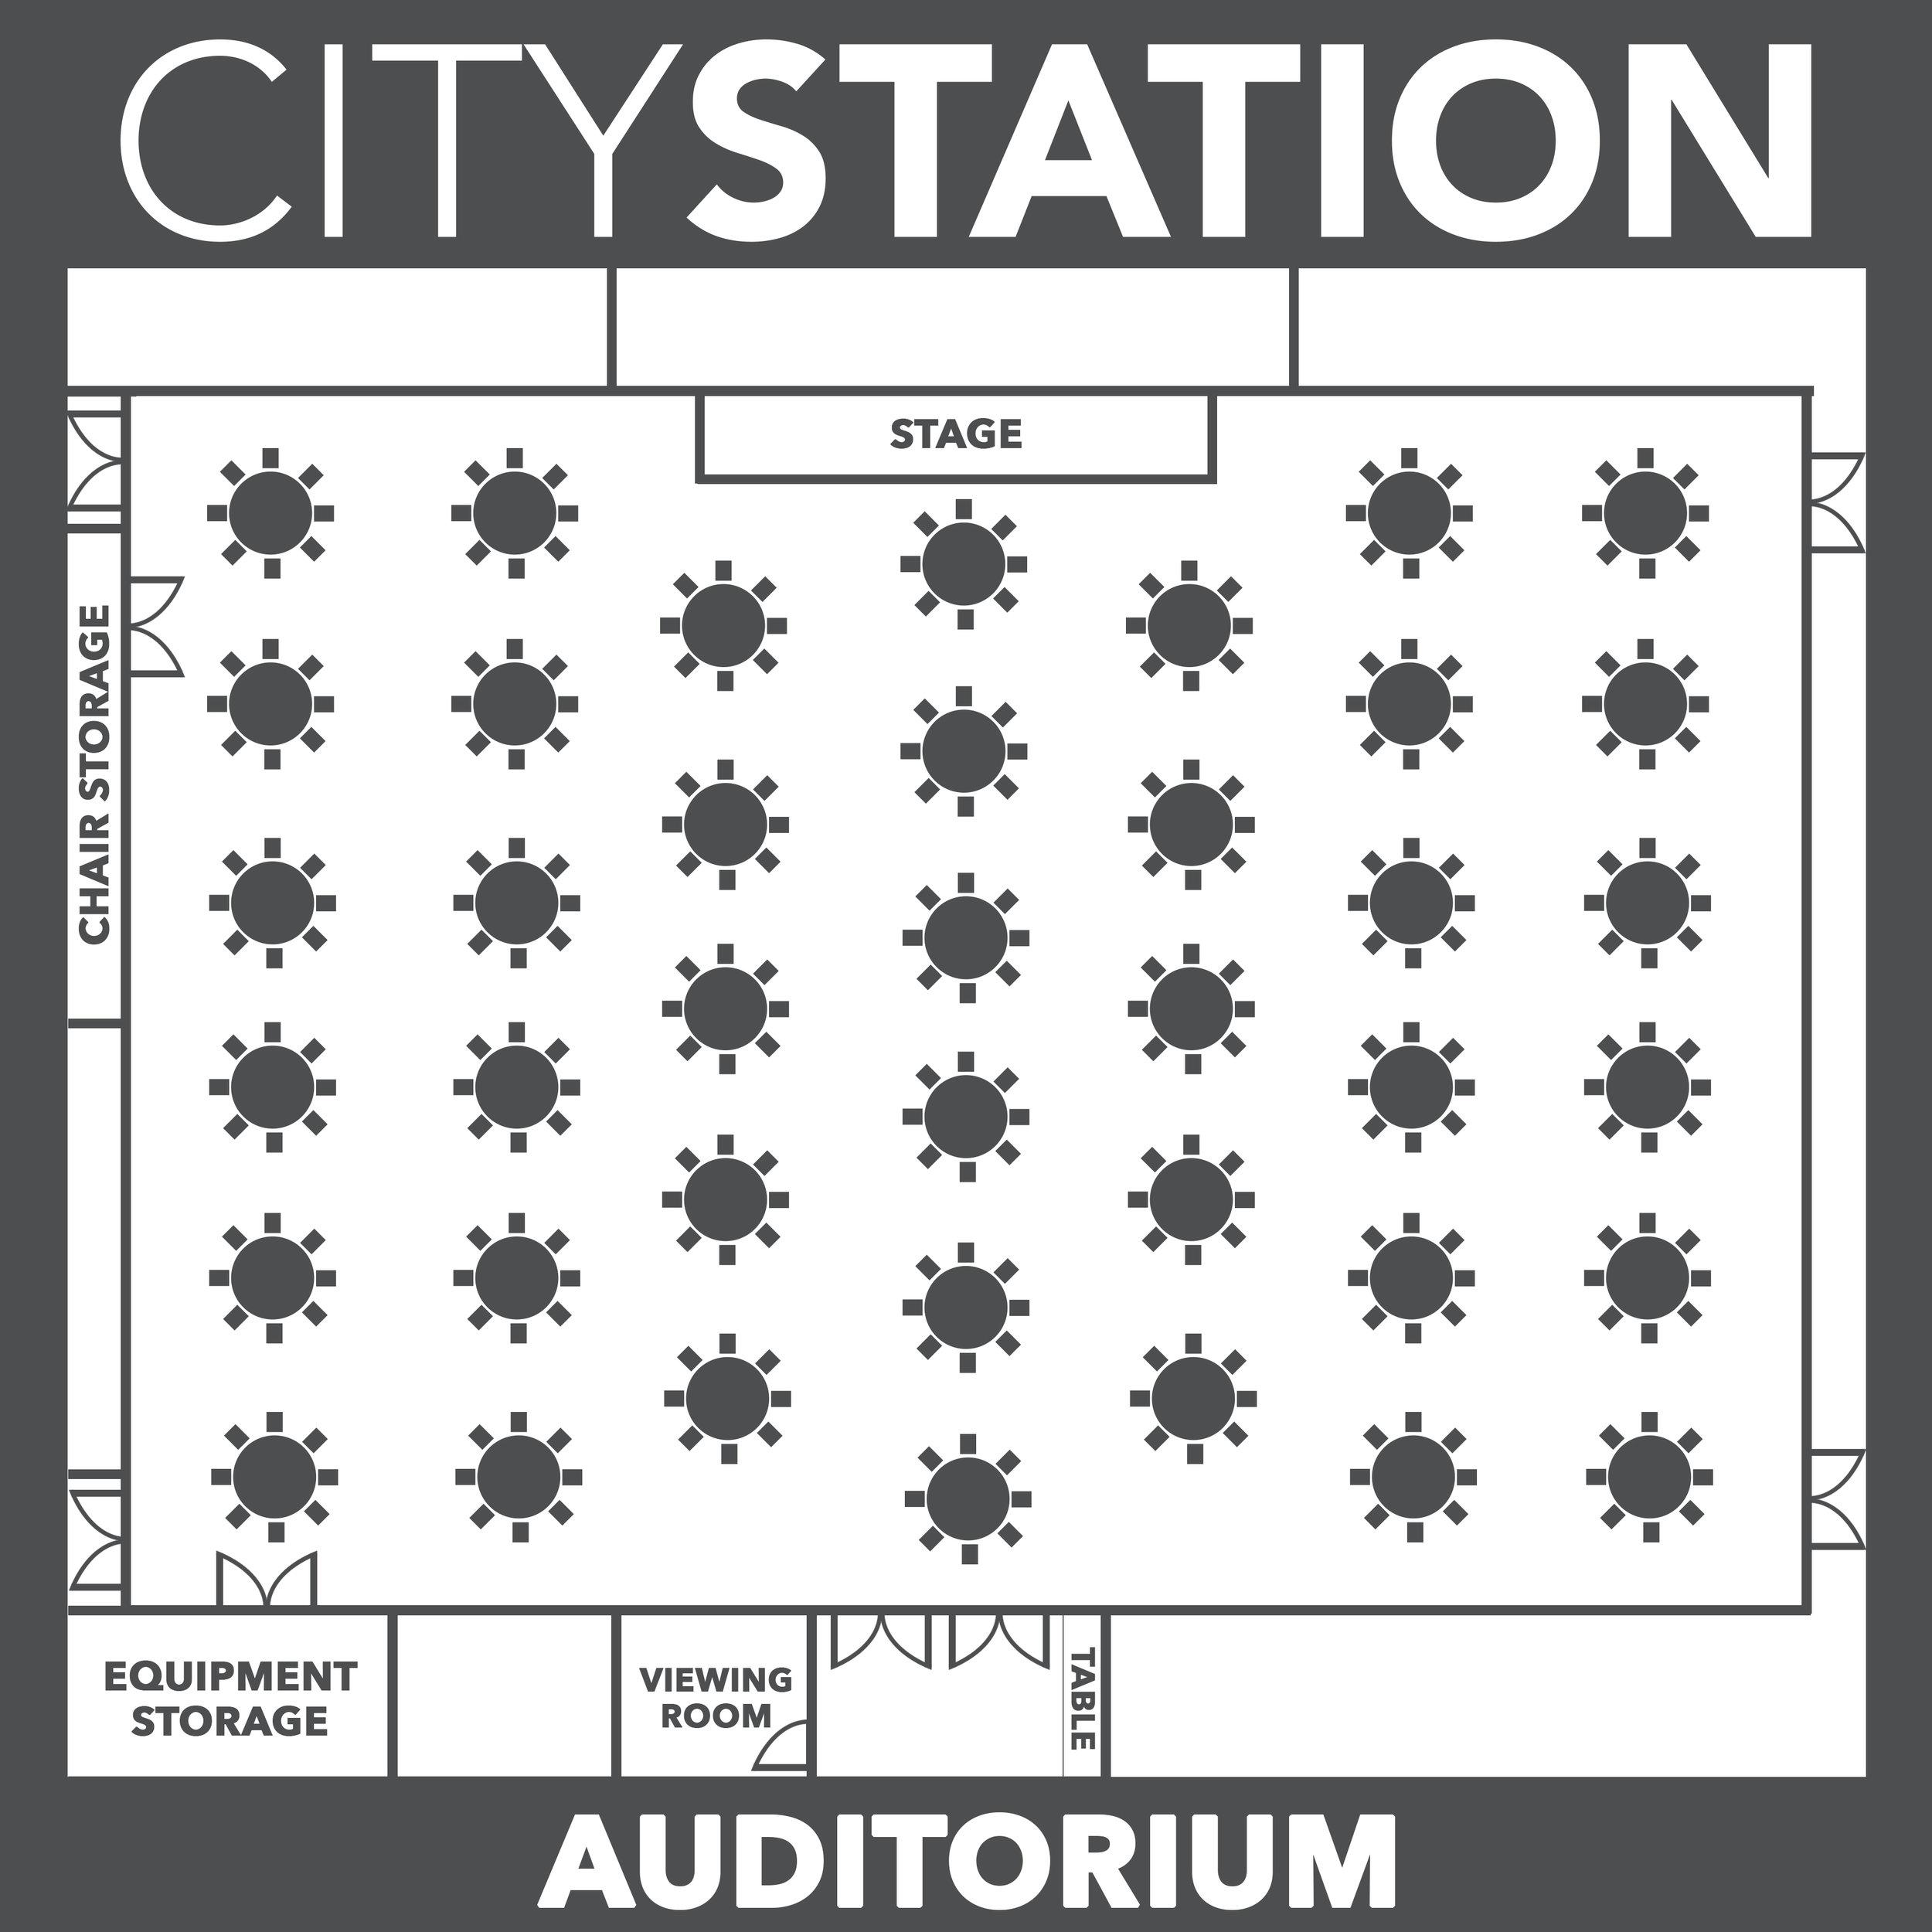 auditorium_tables.jpg